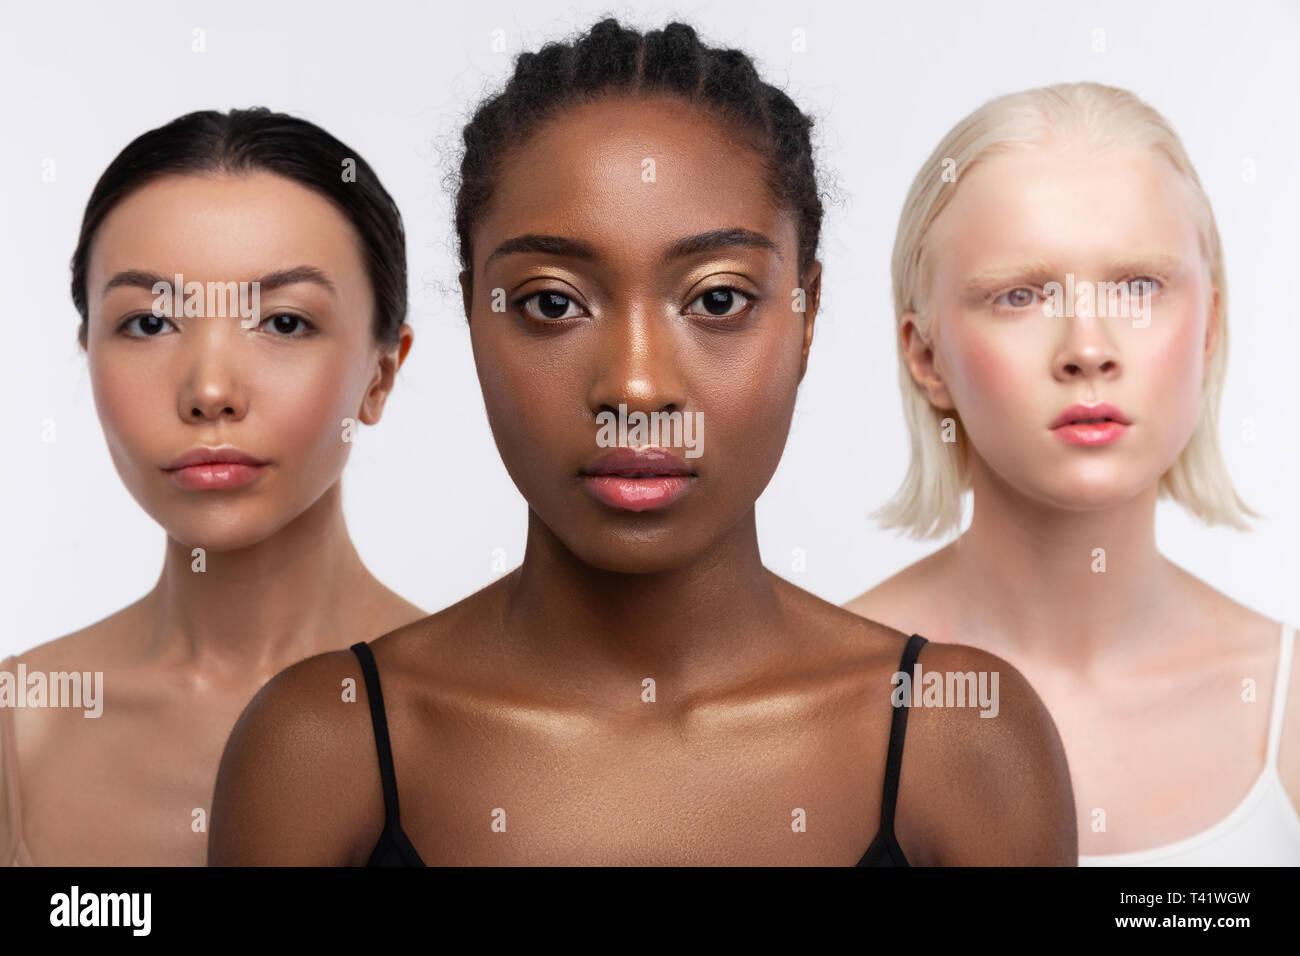 Verschiedene Teint. Drei junge attraktive Frauen mit unterschiedlichen Teint posiert zusammen Stockbild